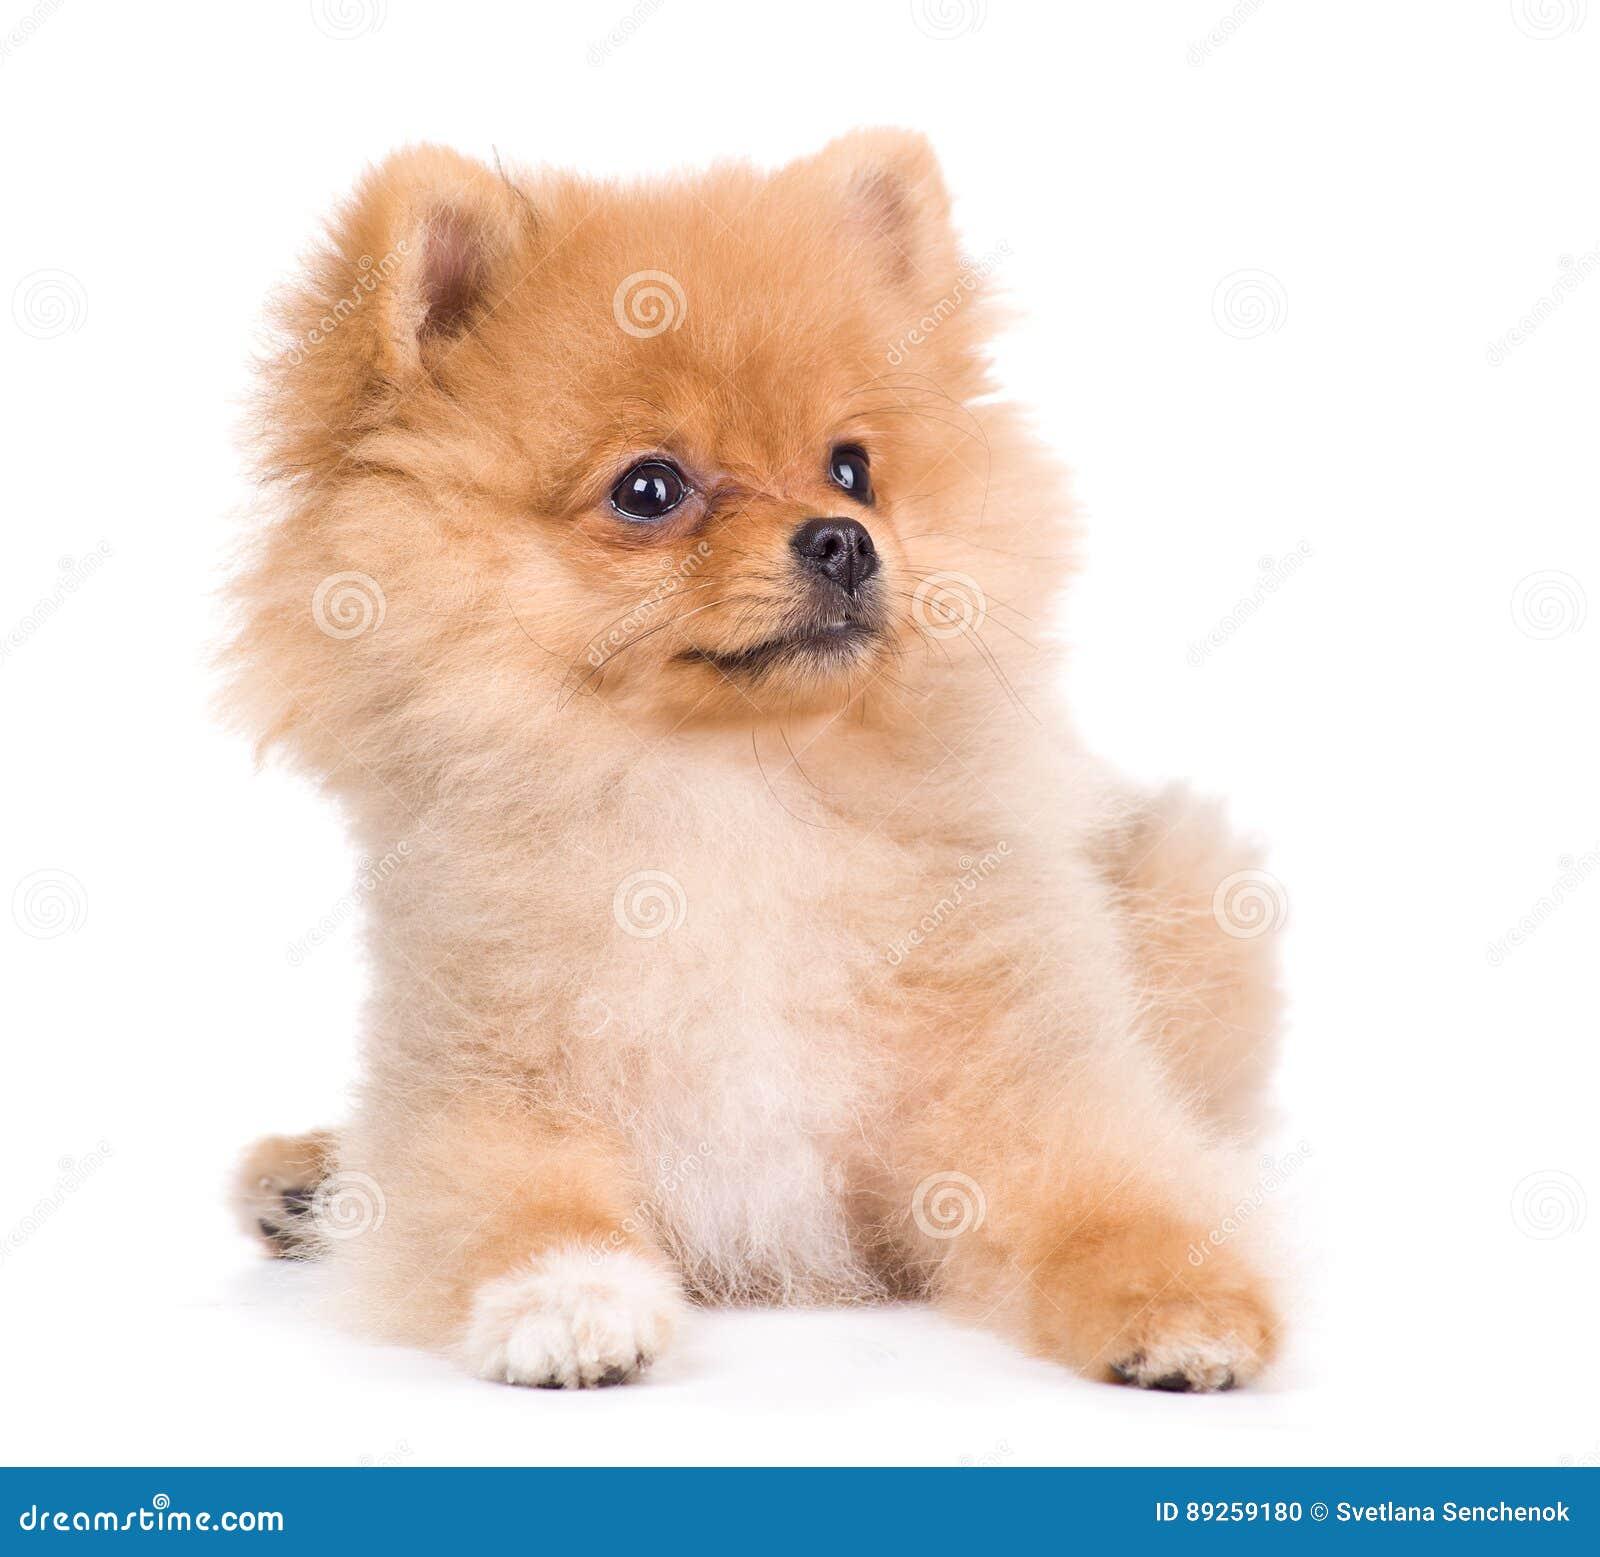 Pomeranian spitz dog, isolated on